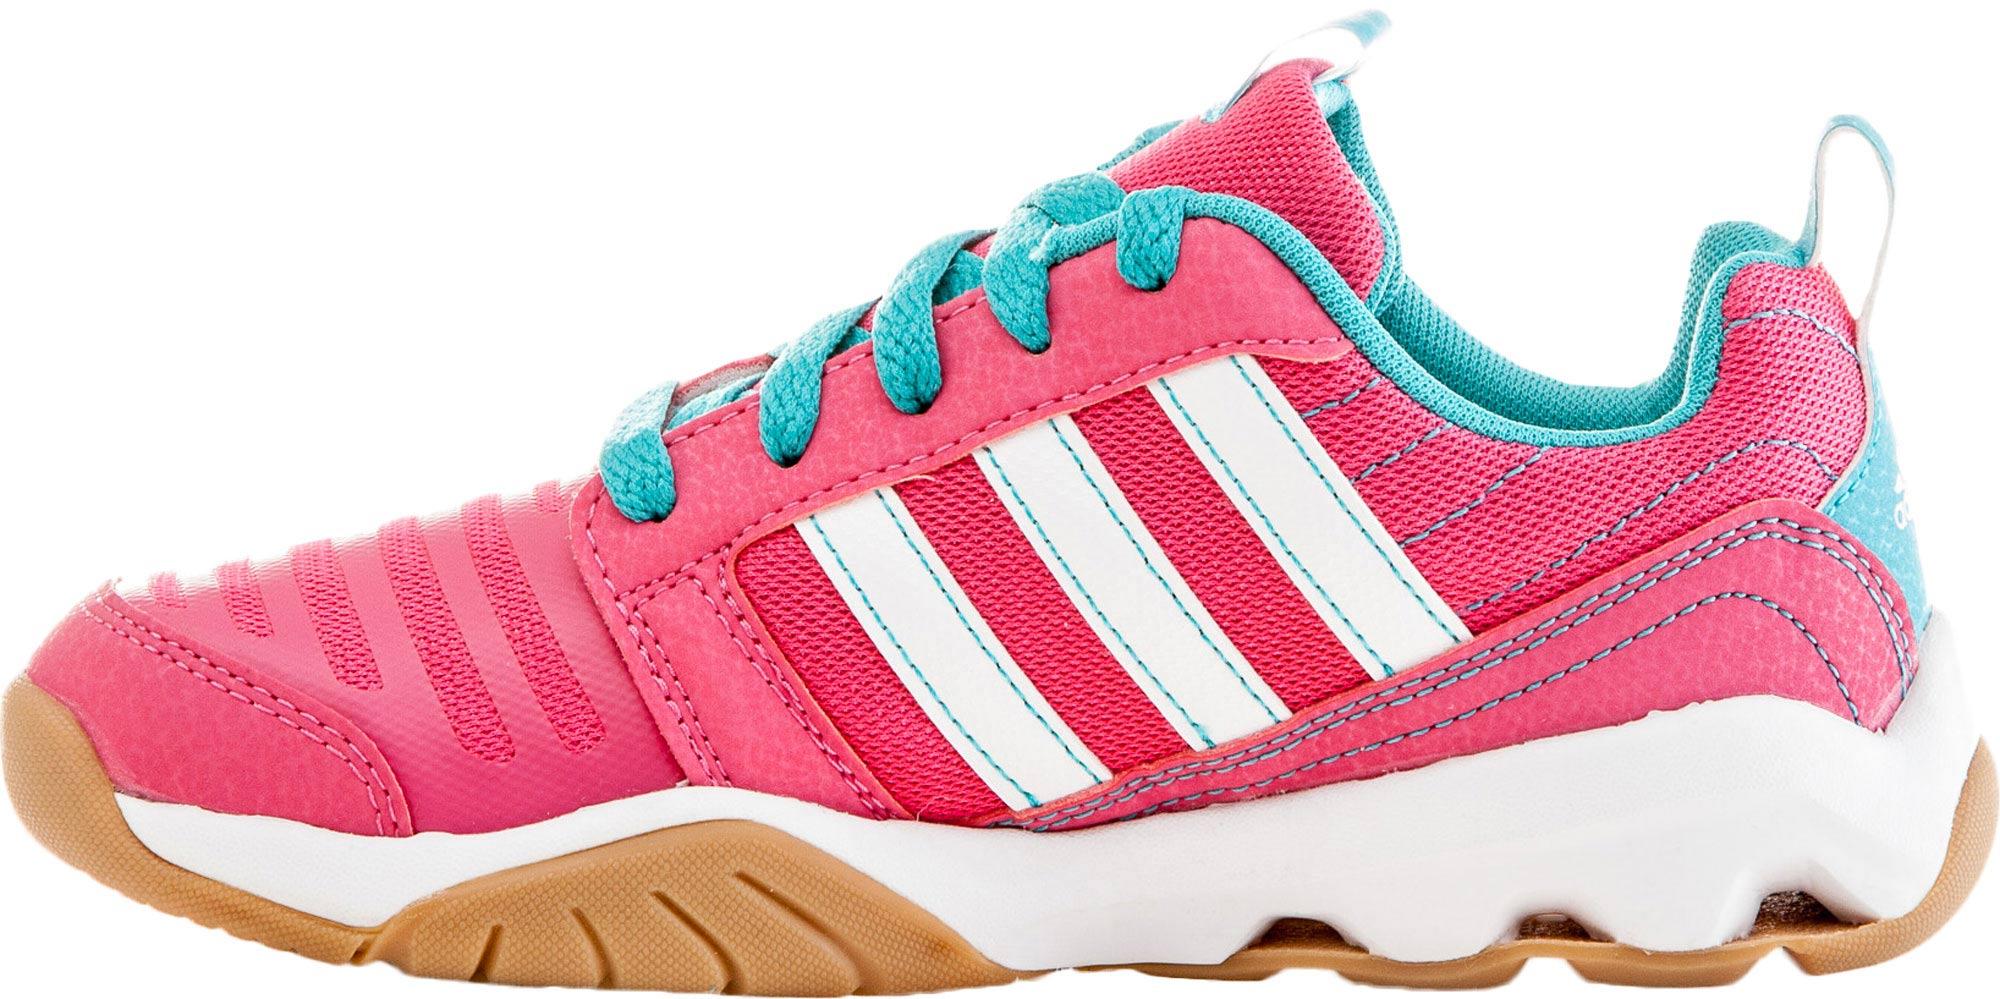 Kids' indoor shoes